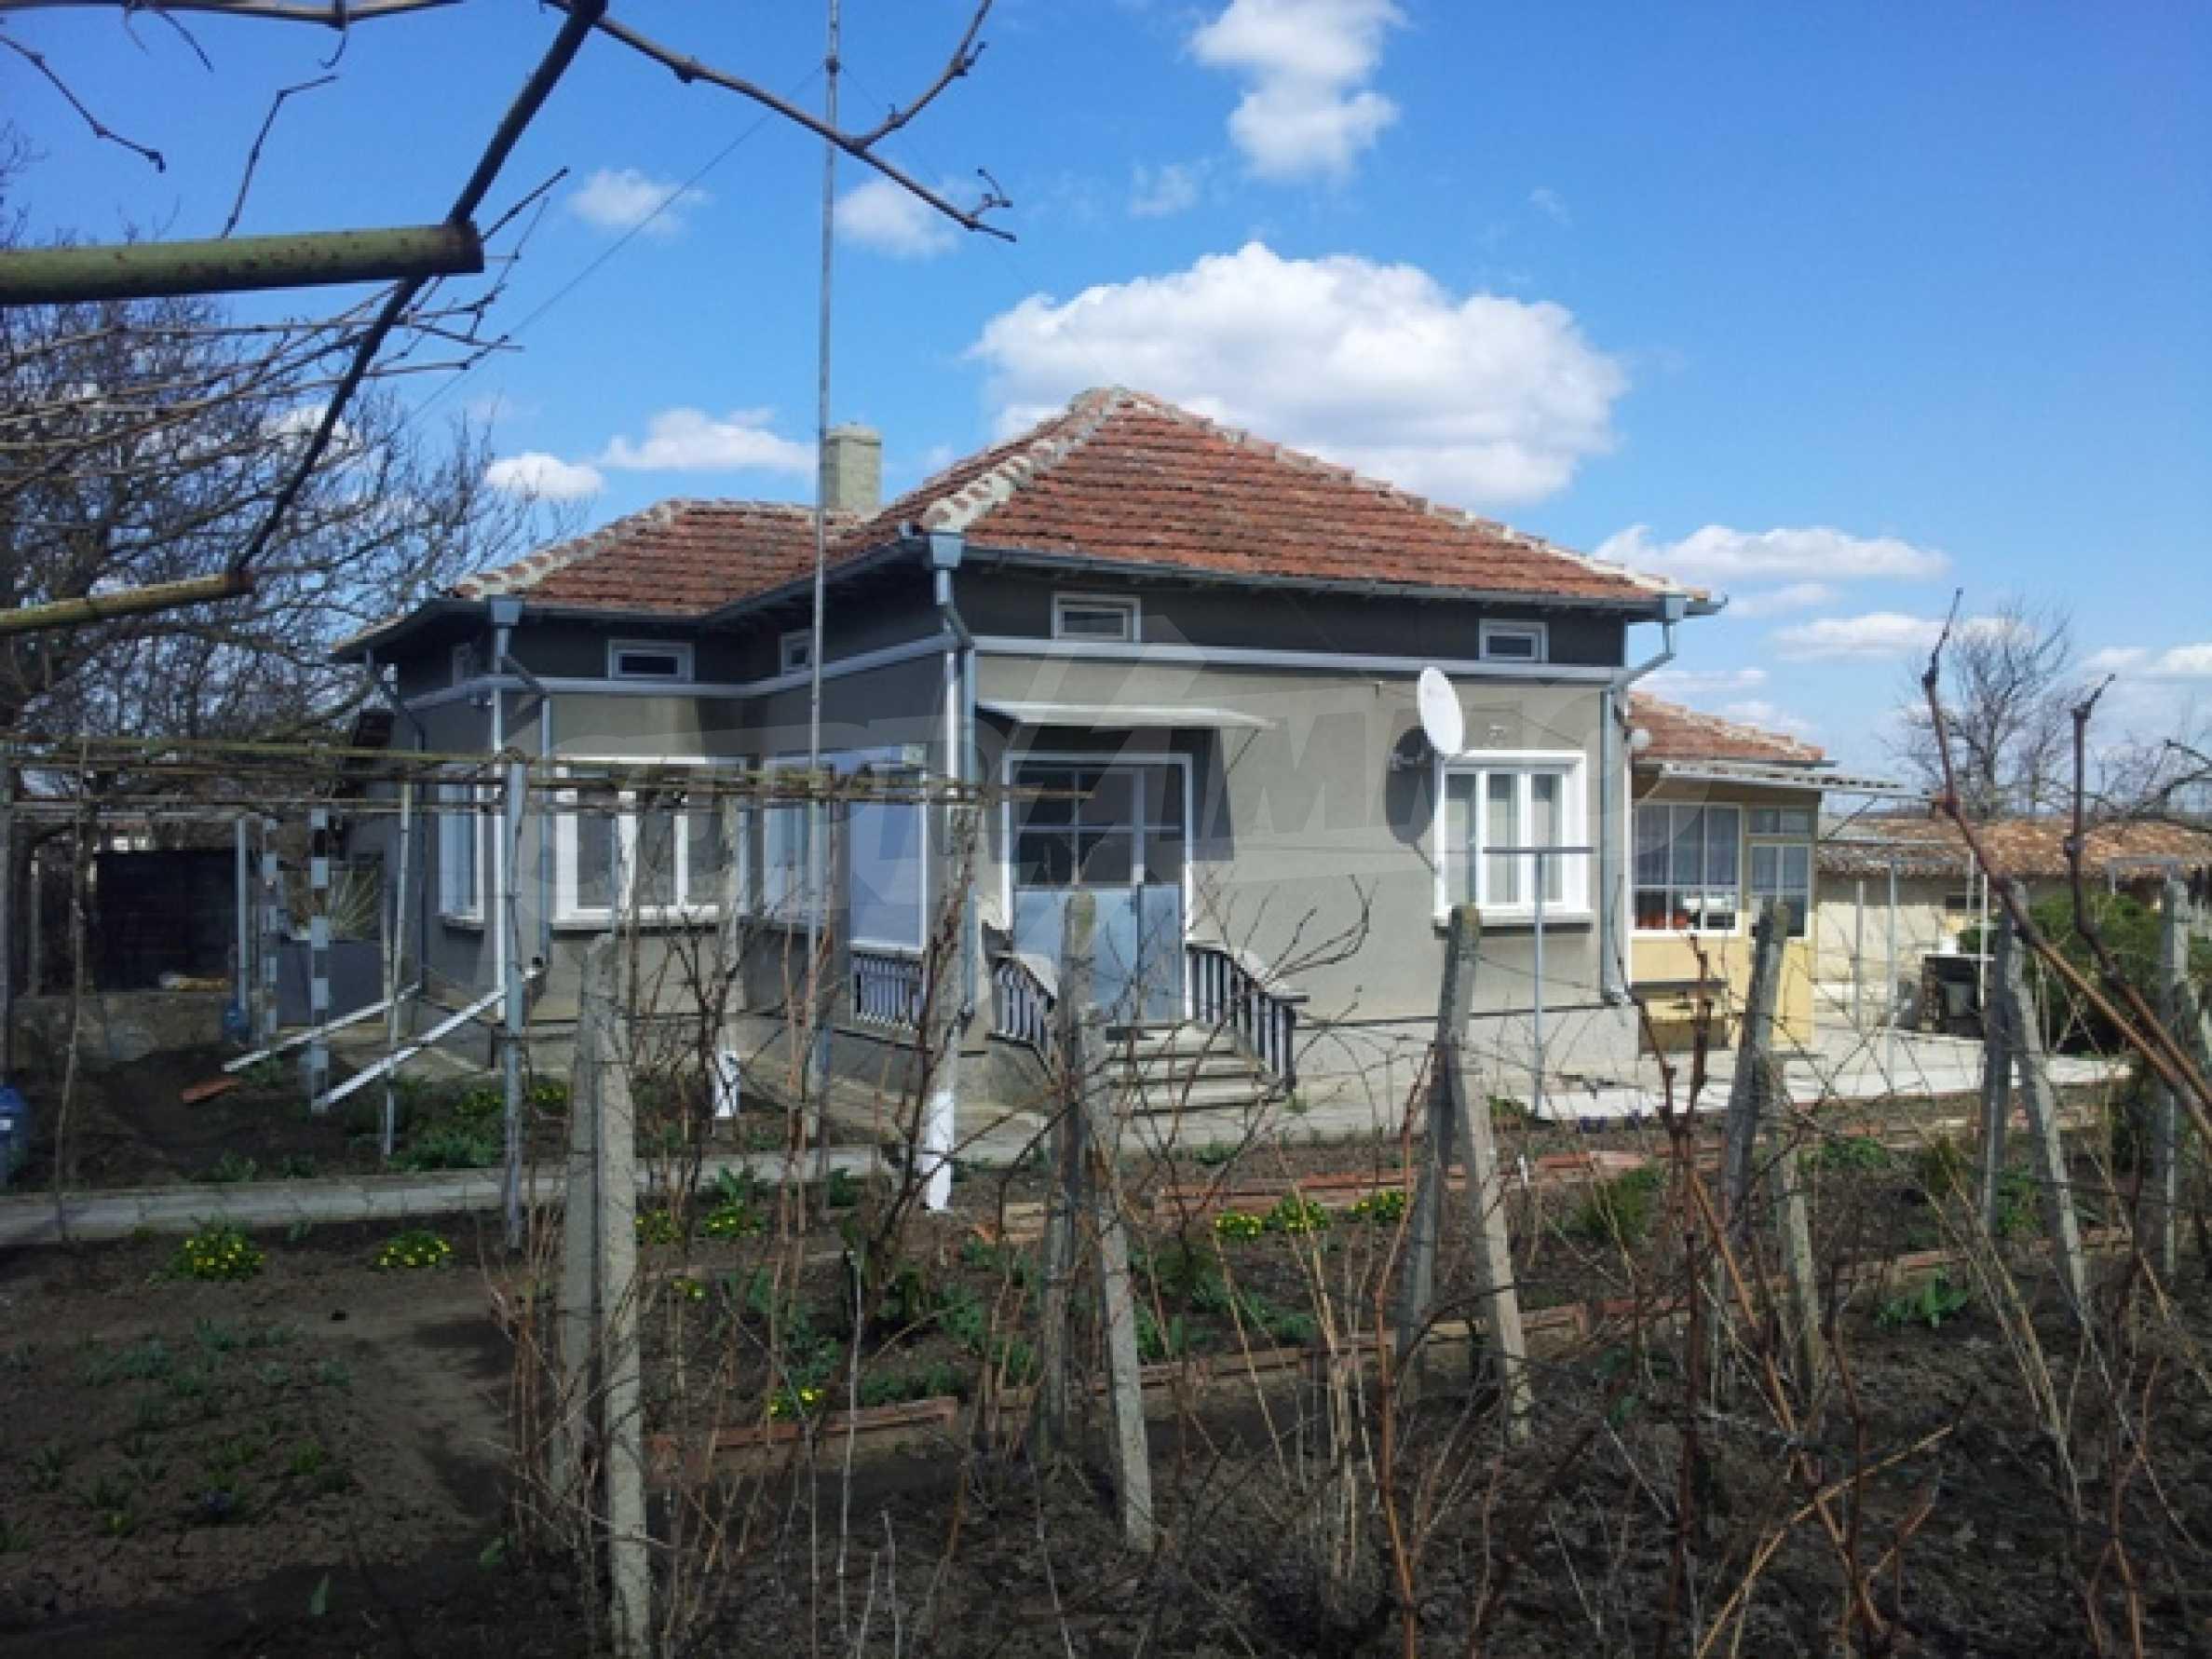 Pchelarovo House 1